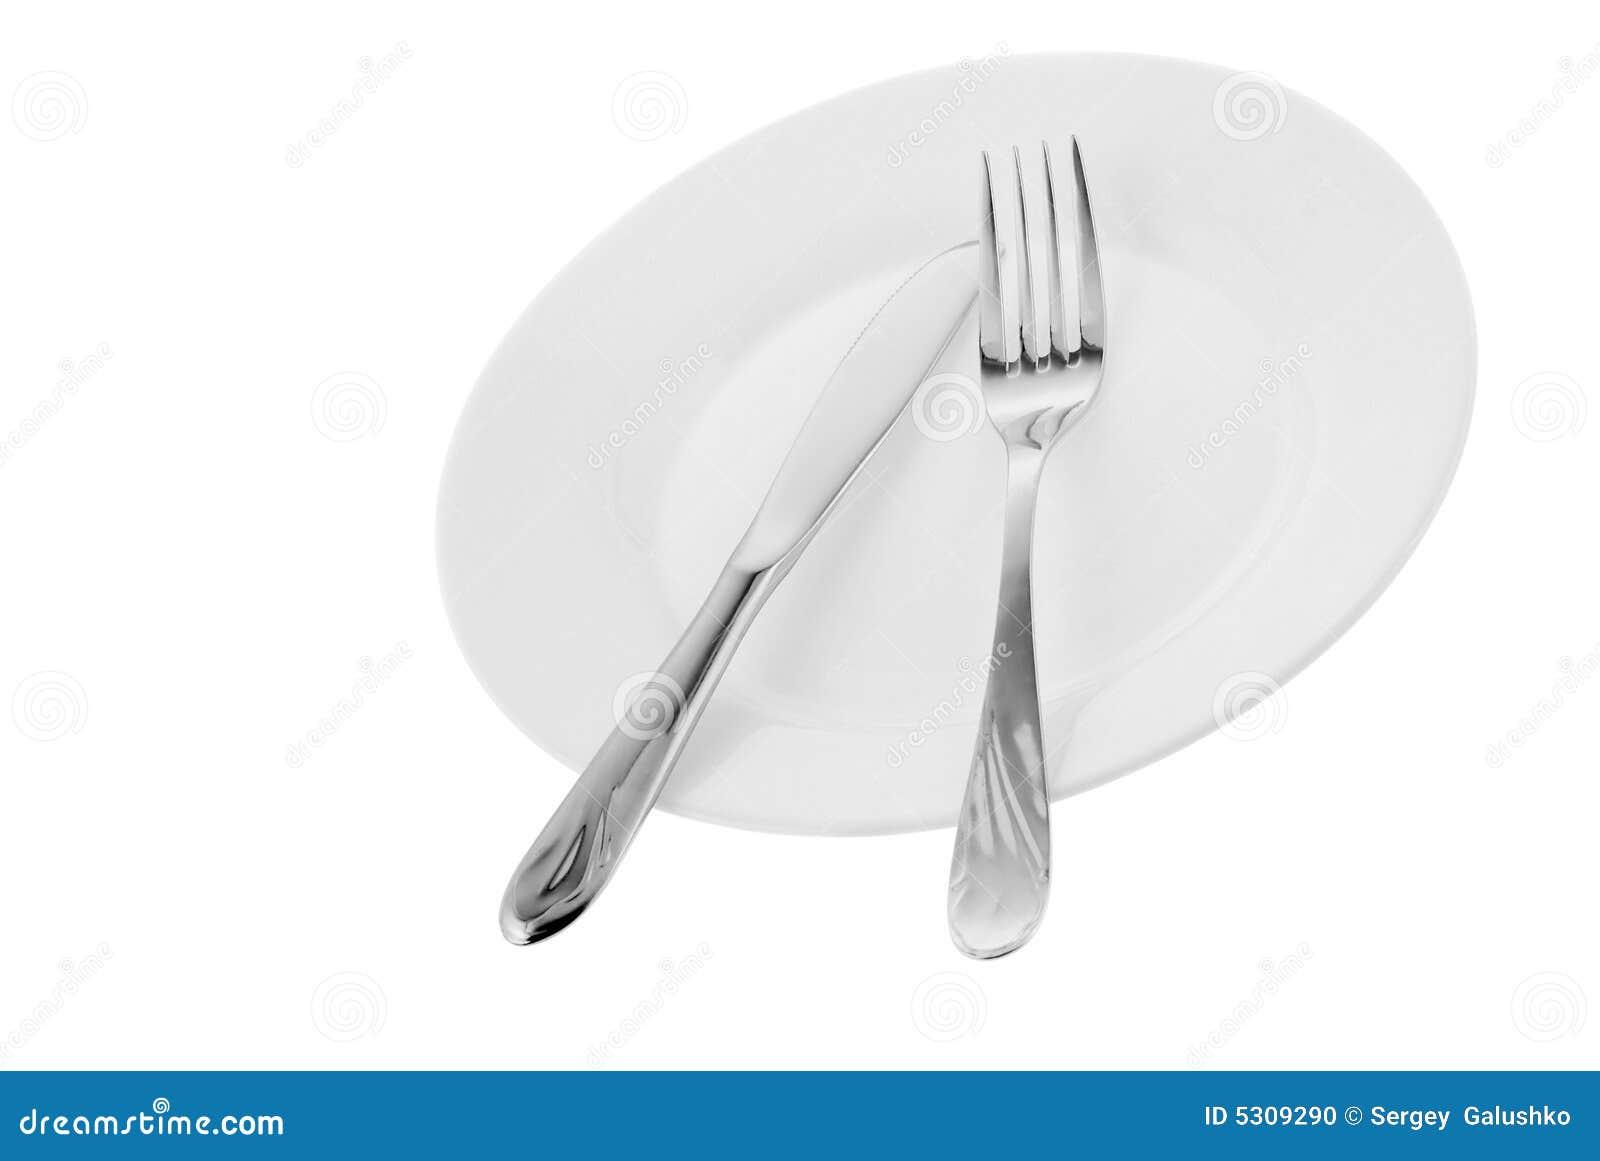 Download Cucina isolata fotografia stock. Immagine di caffè, alimento - 5309290